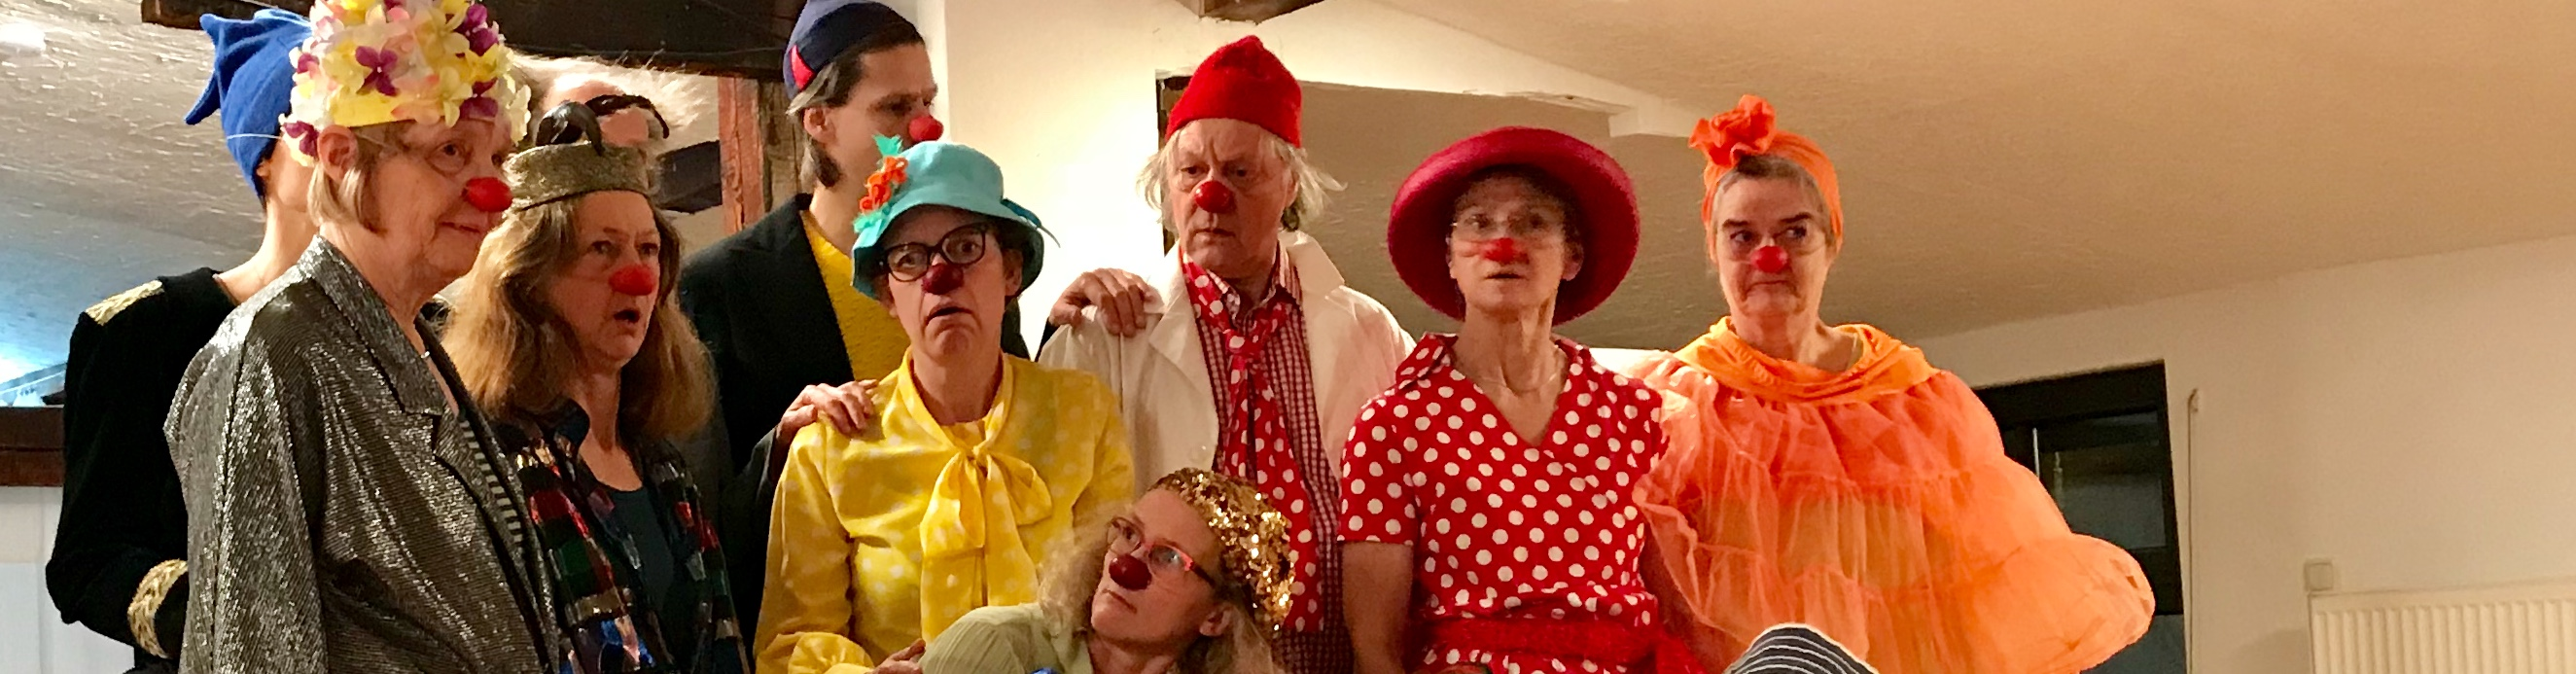 Remise/ Werkstatt für Clownforschung